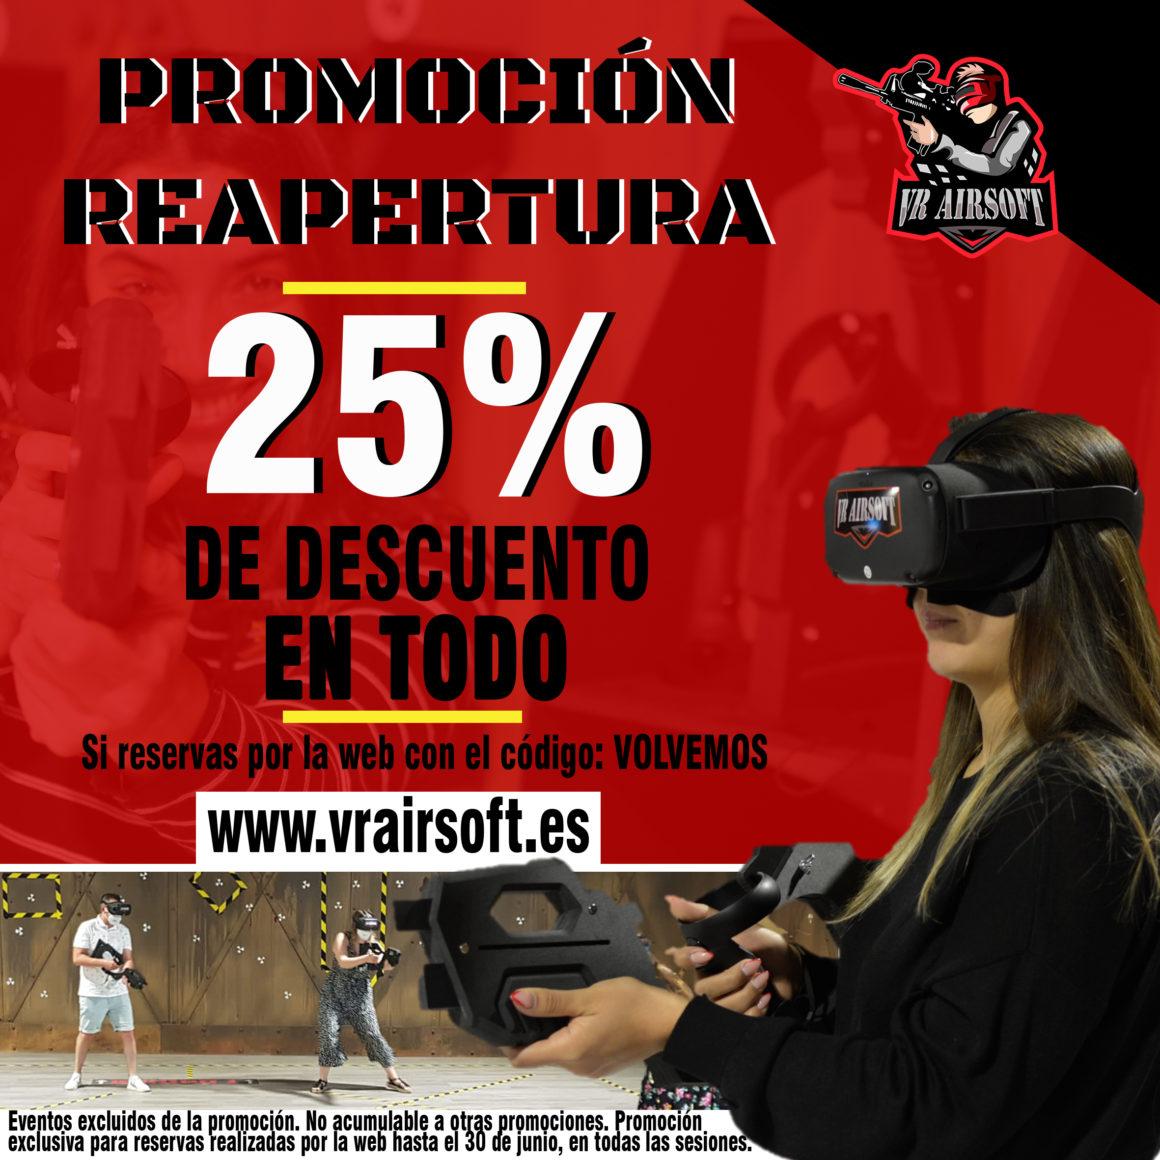 PROMOCIÓN DE REAPERTURA EN VR AIRSOFT: -25% DE DESCUENTO EN TODO